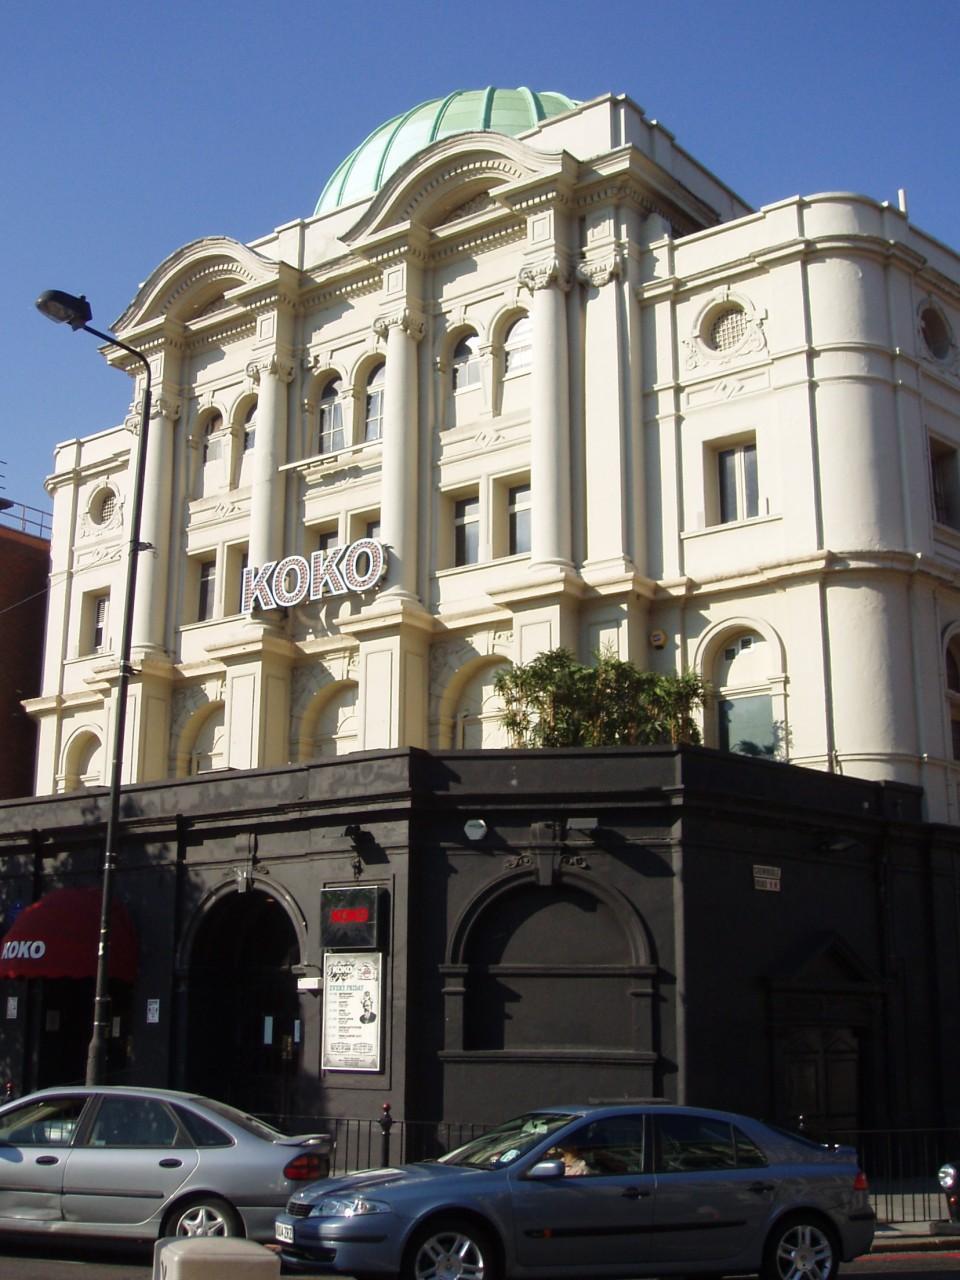 Camden Town: File:KOKO, Camden Town, NW1 (2570837815).jpg